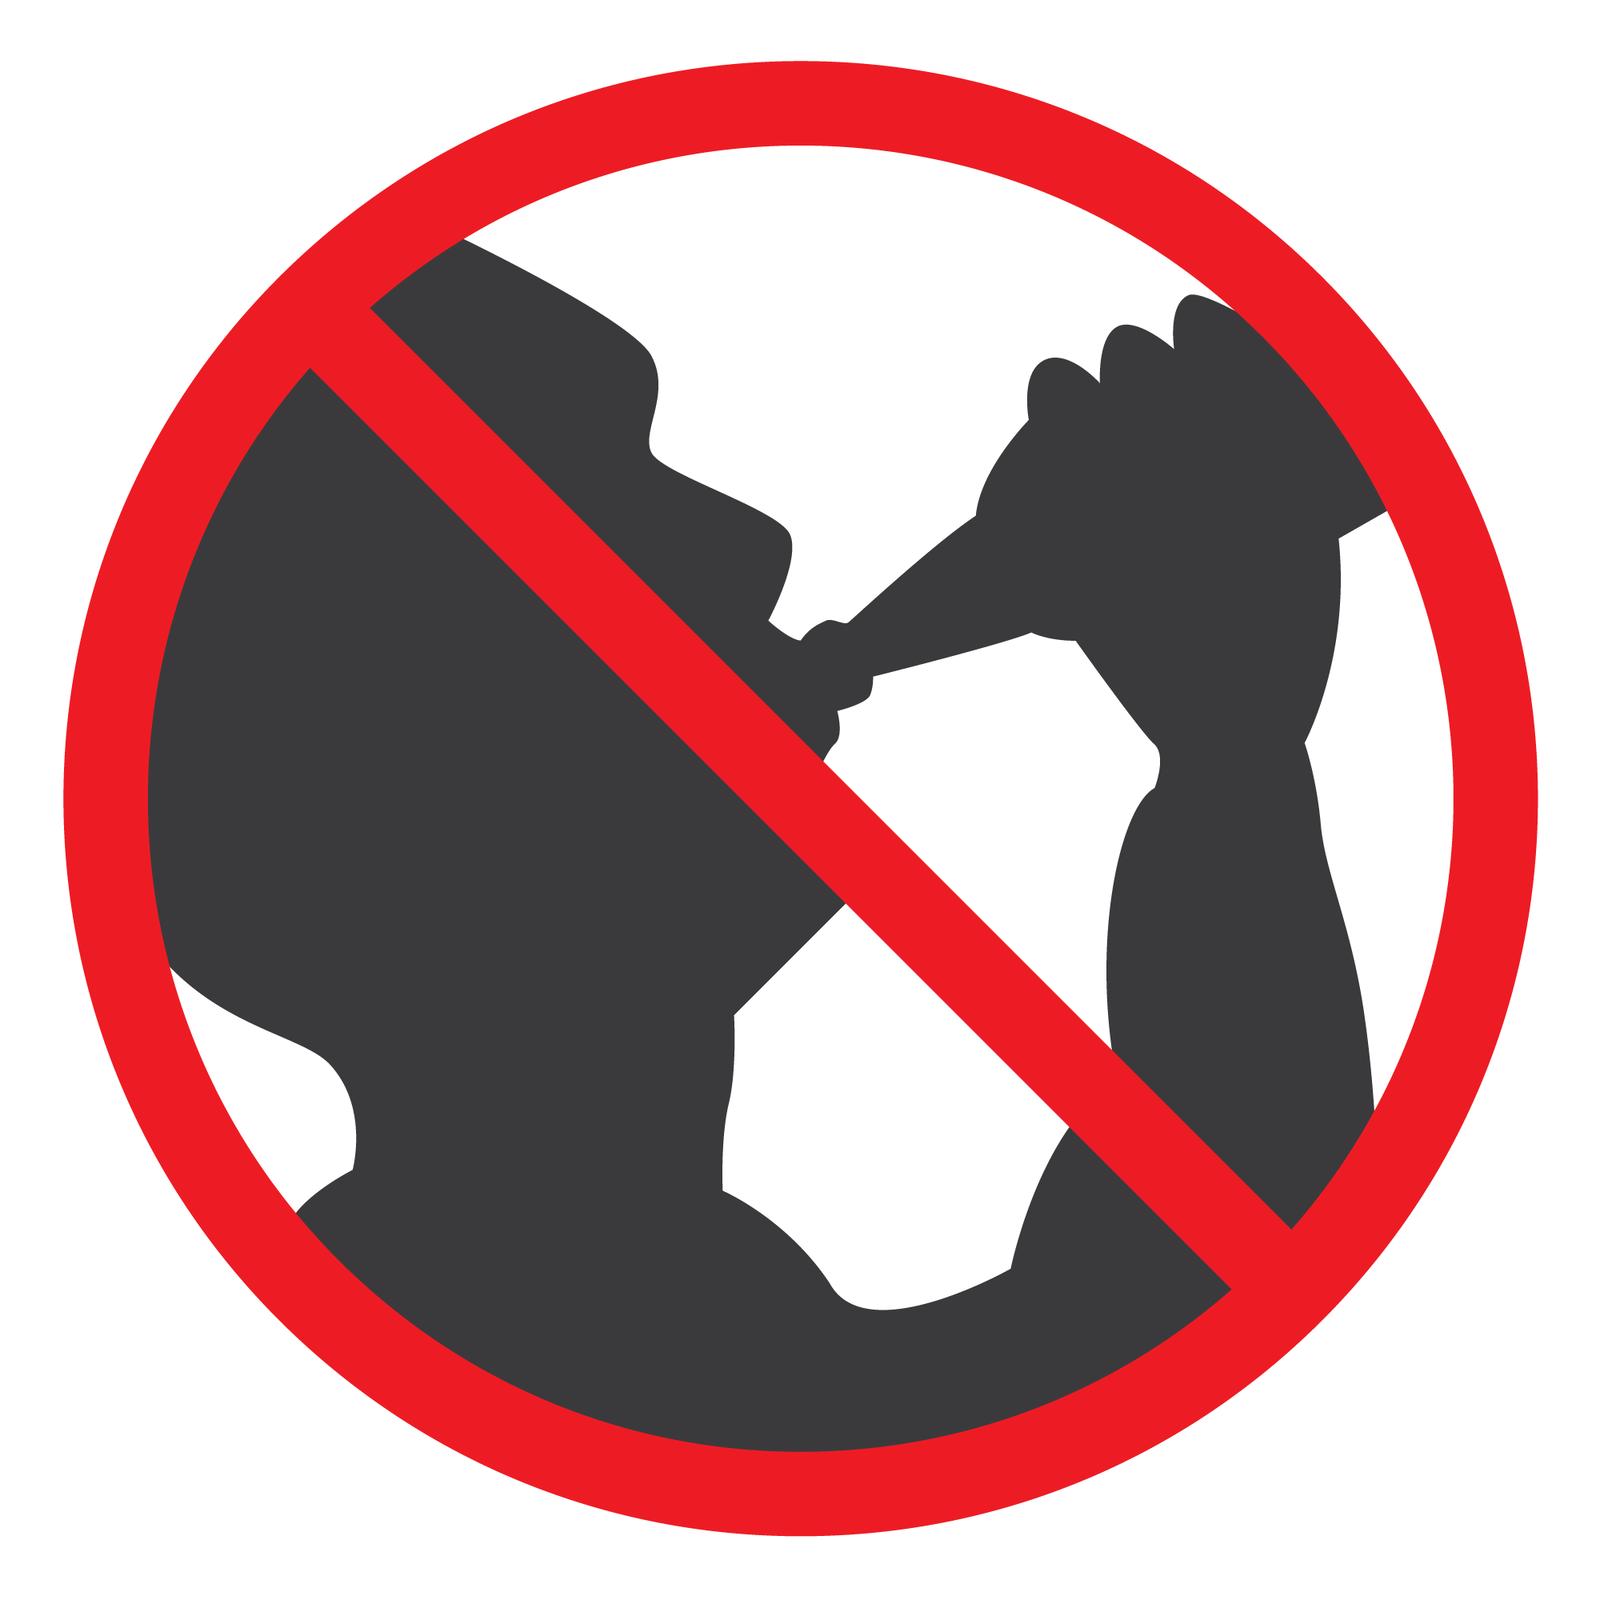 Drugi piktogram przedstawia czarny zarys osoby pijącej zbutelki. Osoby skierowana wprawo. Ręka wzniesiona wgórę przytrzymuje butelkę skierowaną do ust.